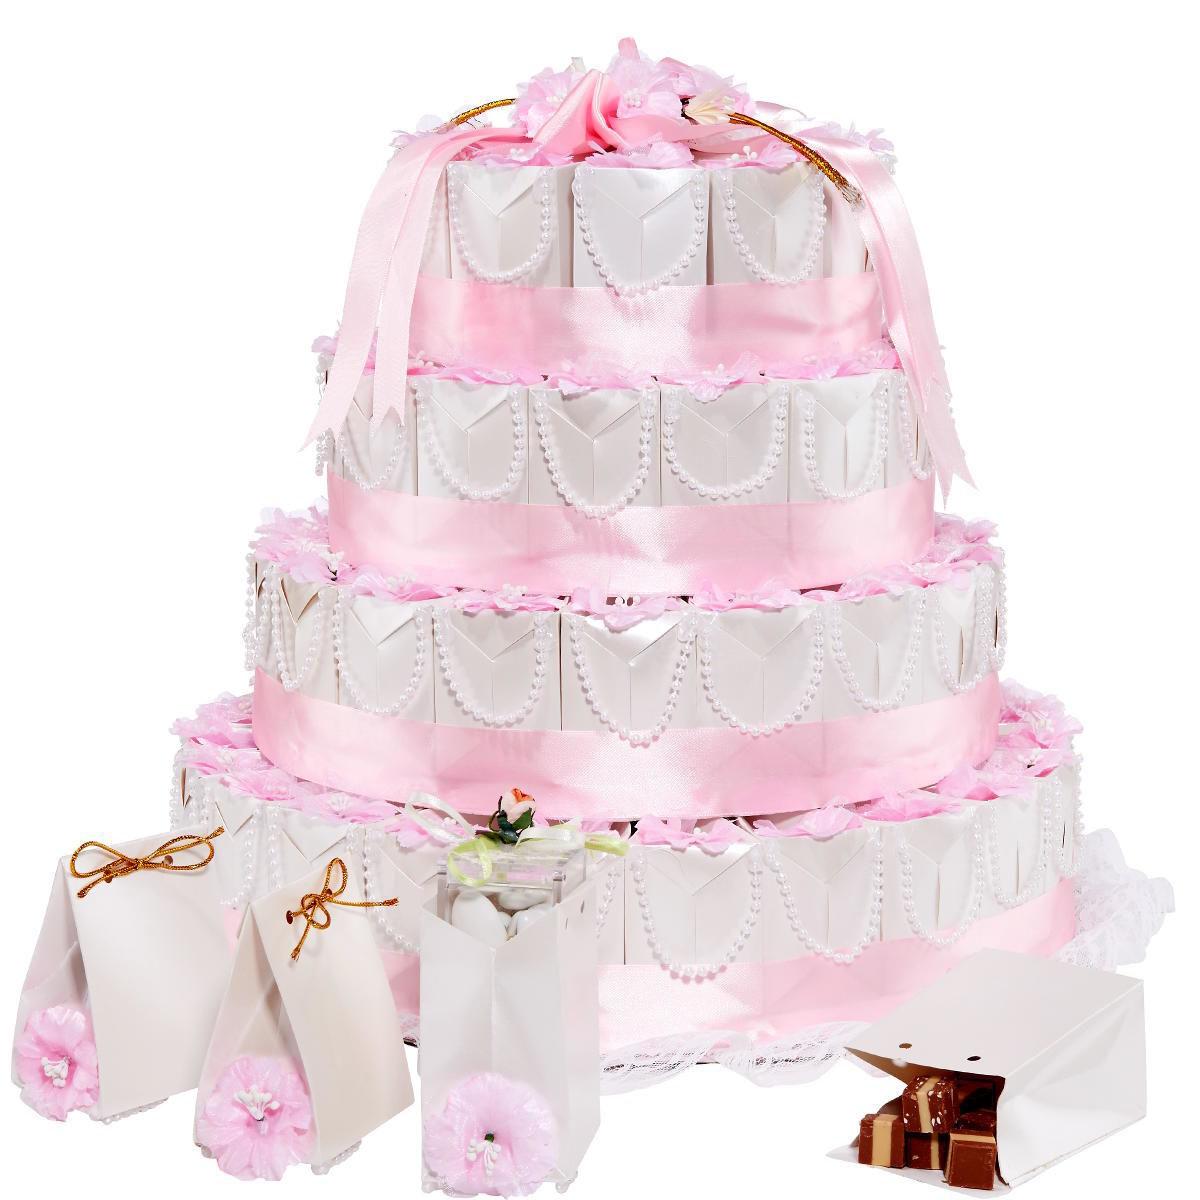 Bild 3 von Hochzeitstorte